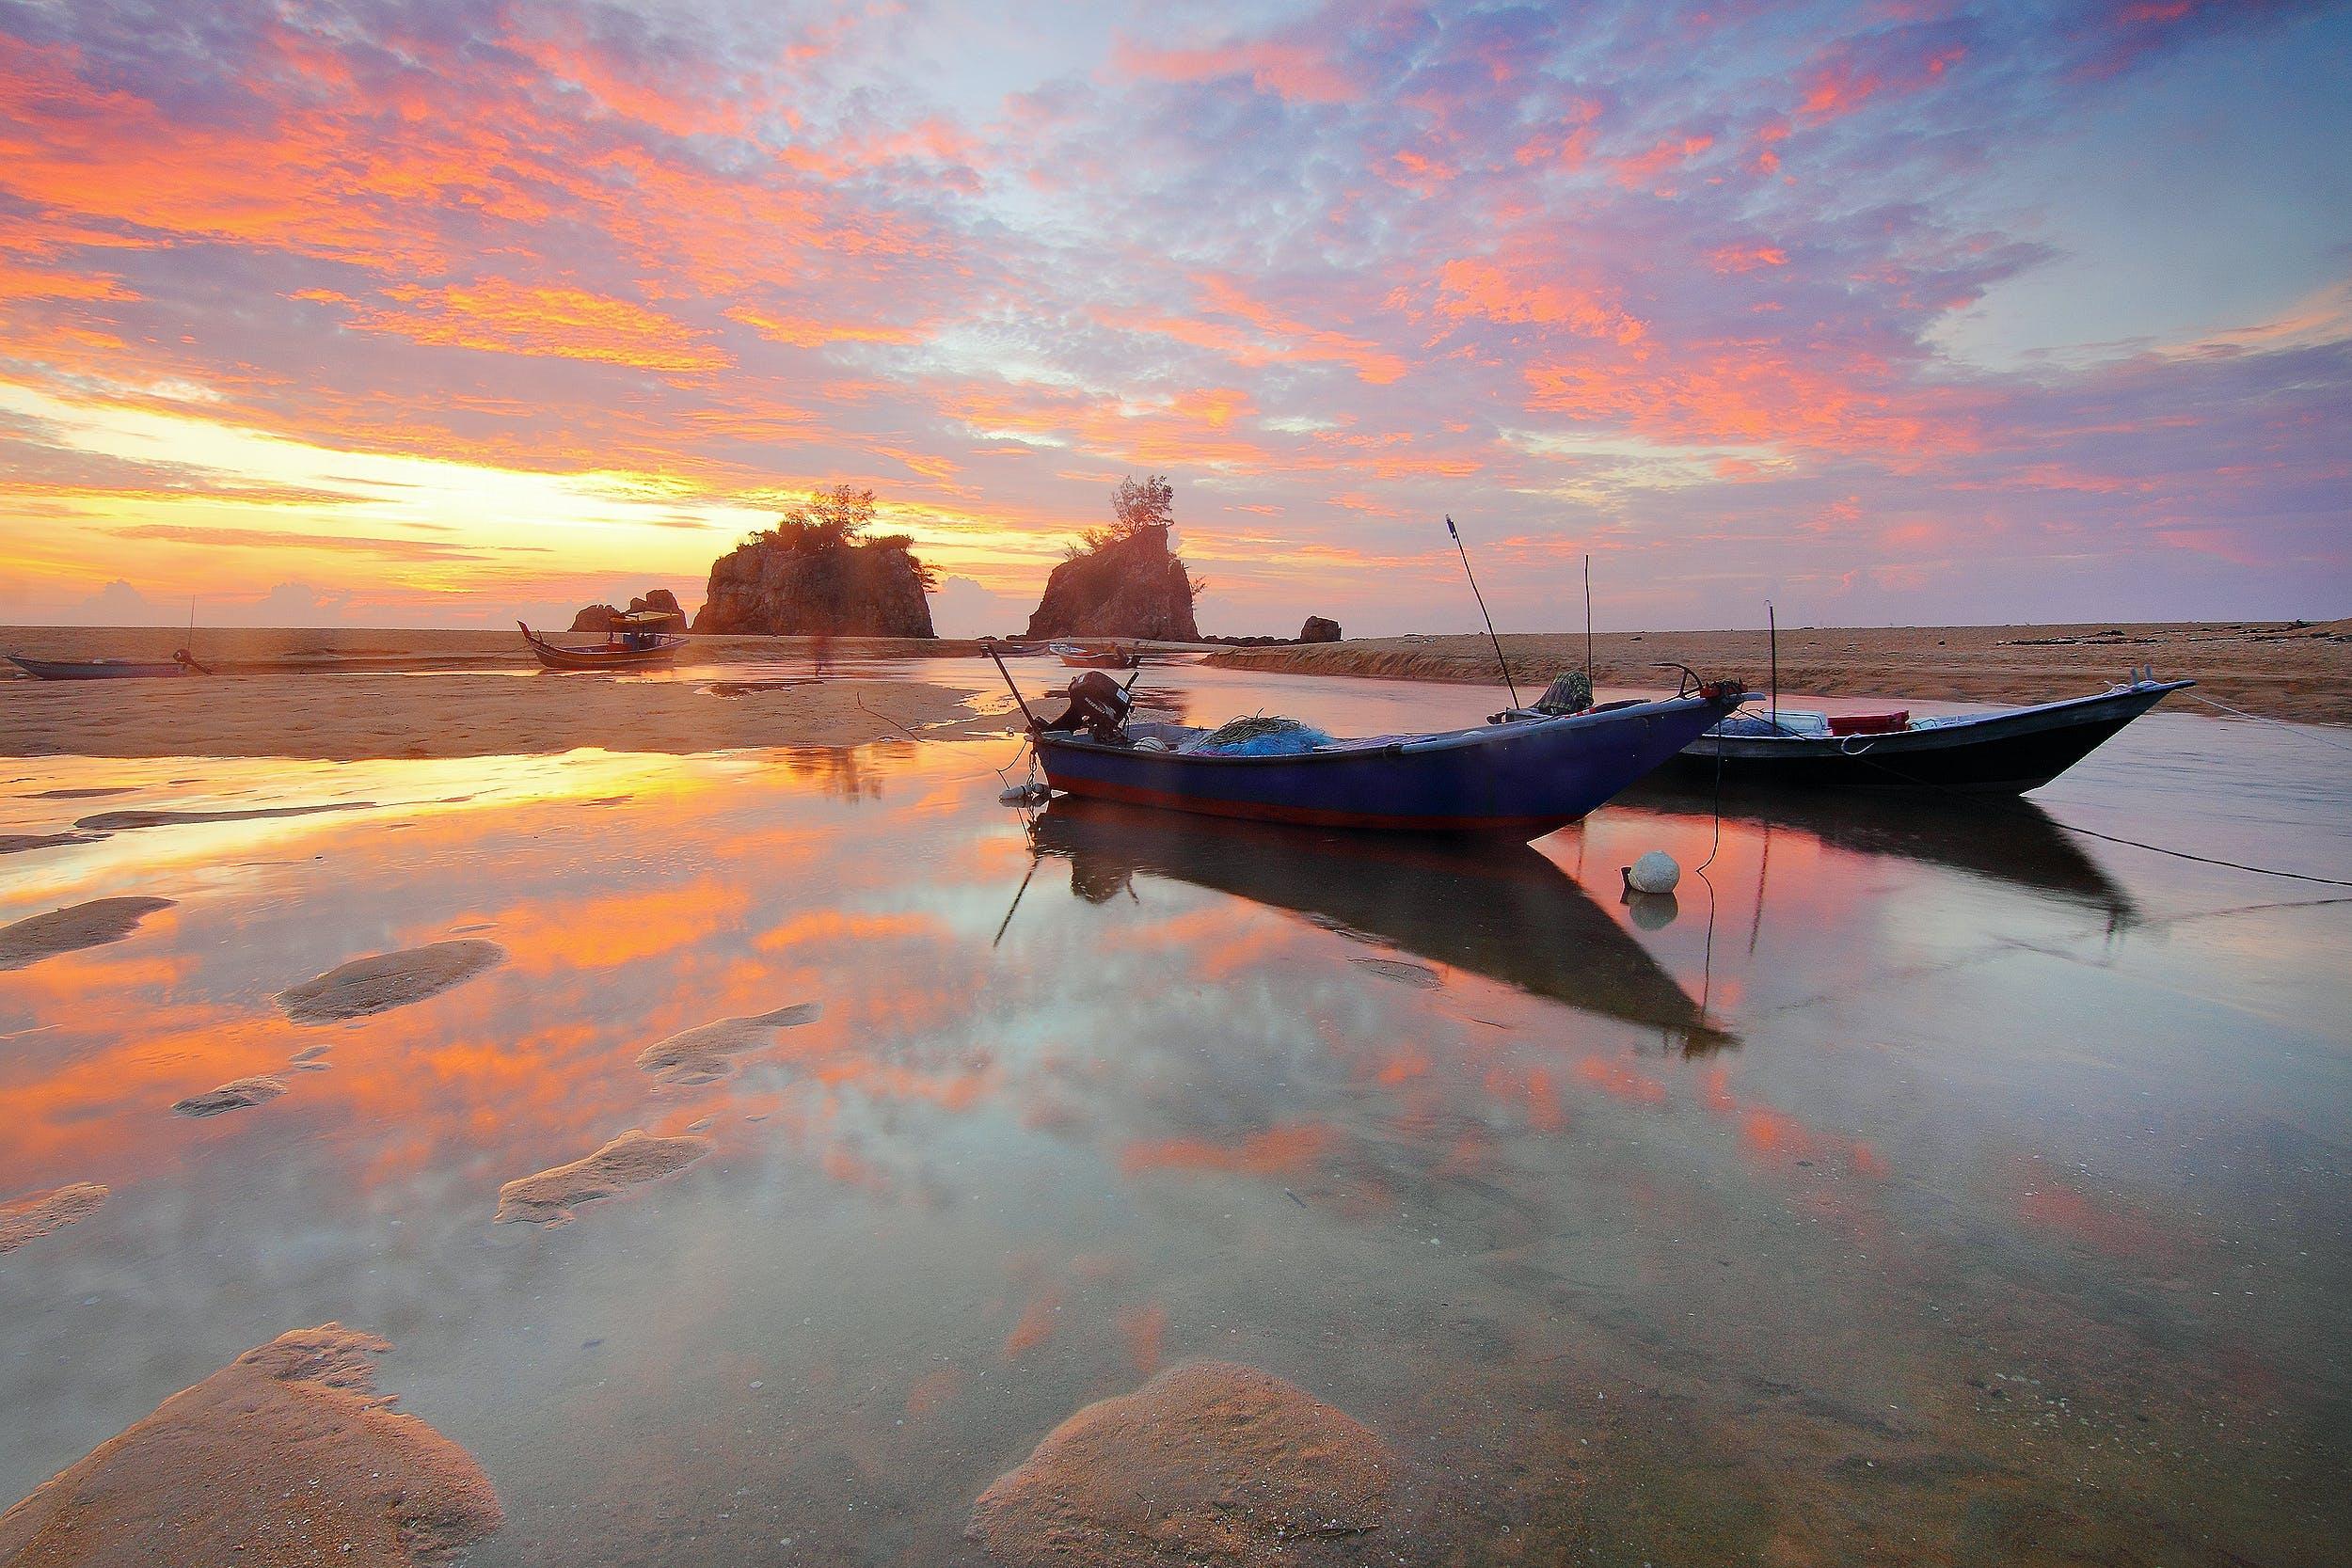 Безкоштовне стокове фото на тему «берег моря, відображення, вода, Водний транспорт»